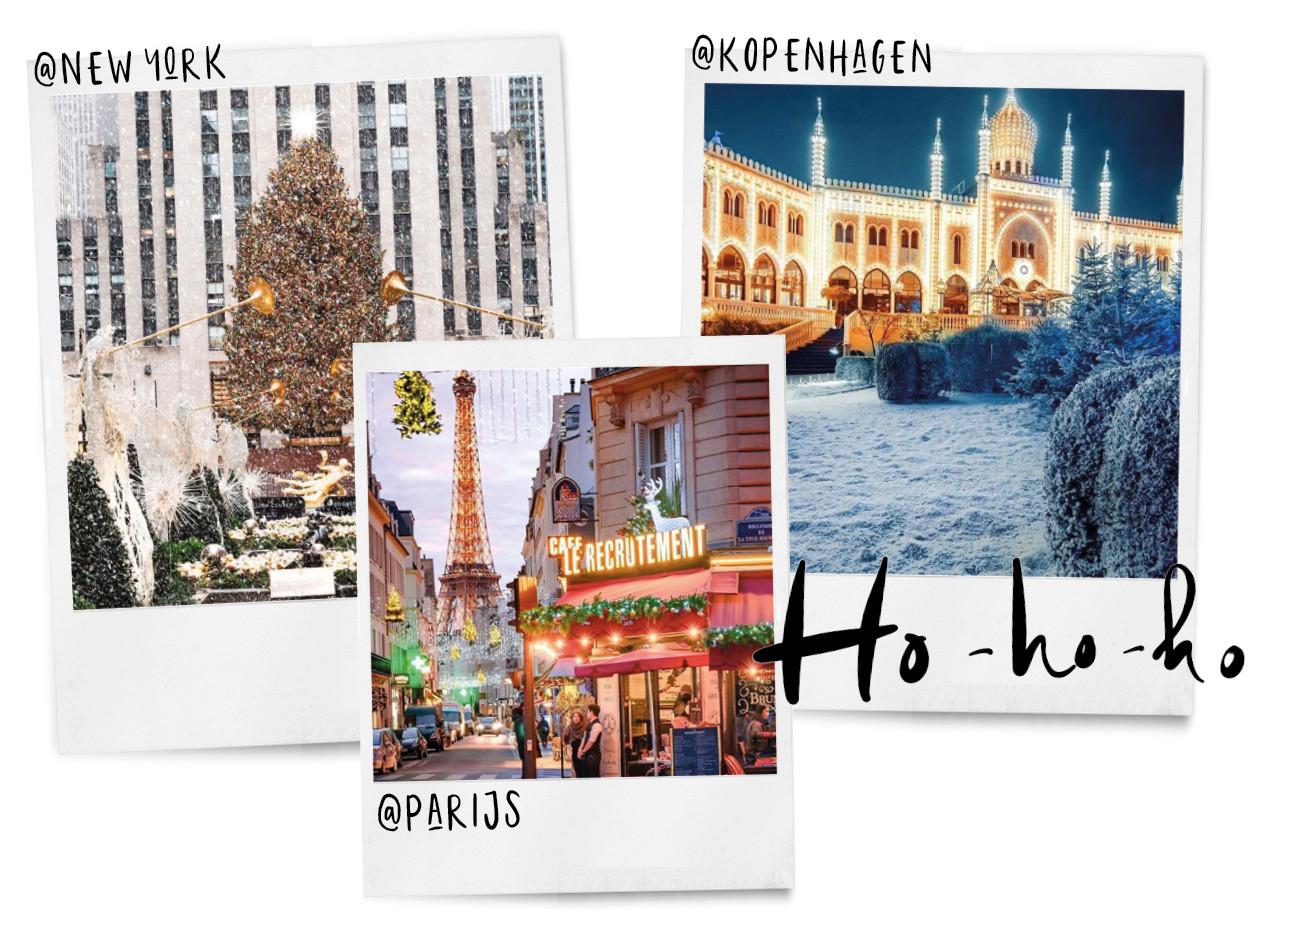 beelden van de kerstmarkt in new york